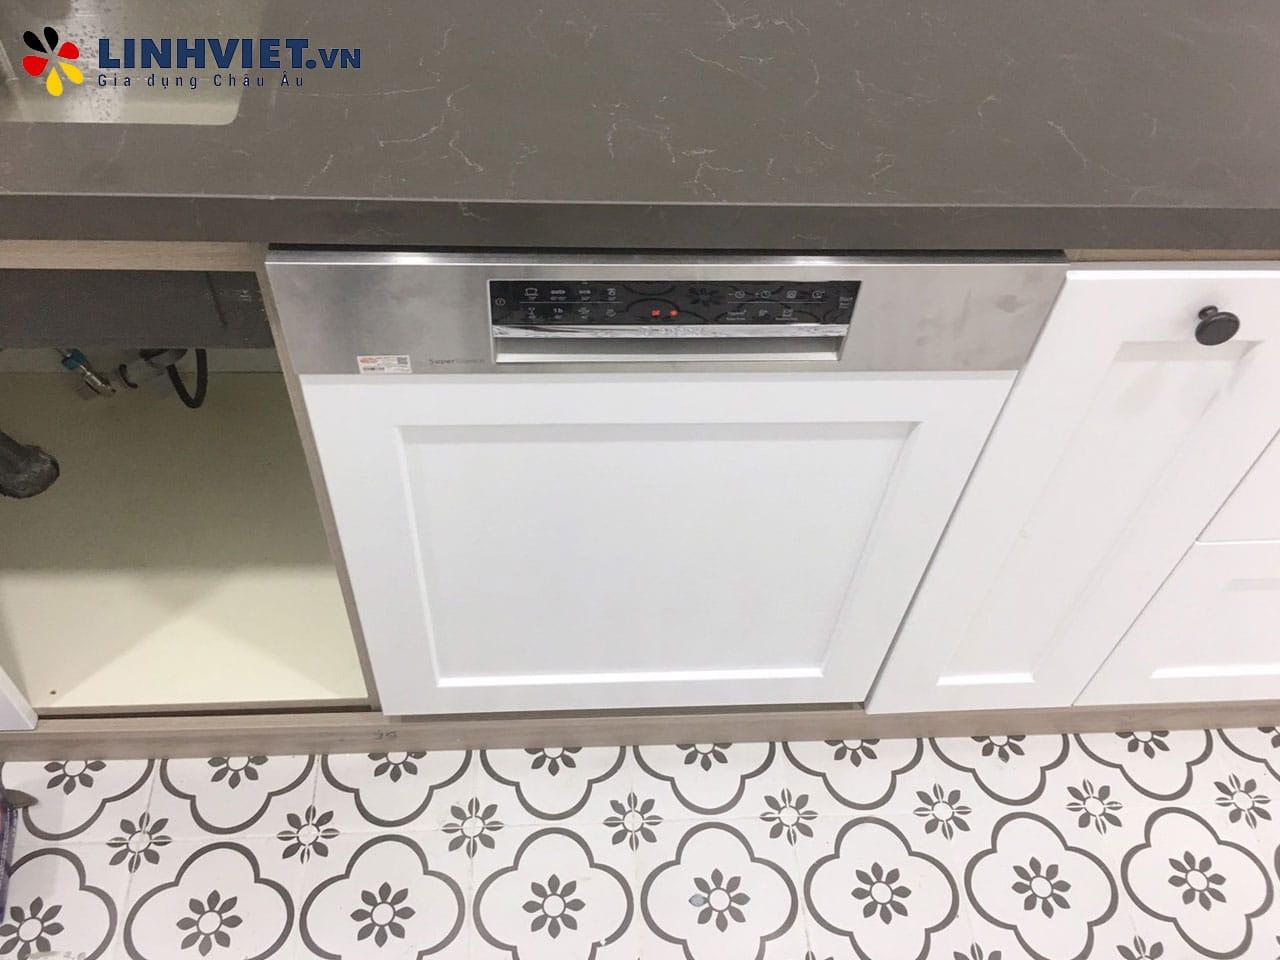 Hình ảnh thực tế khách hàng lắp Combo: Máy rửa bát, Bếp từ Bosch 9